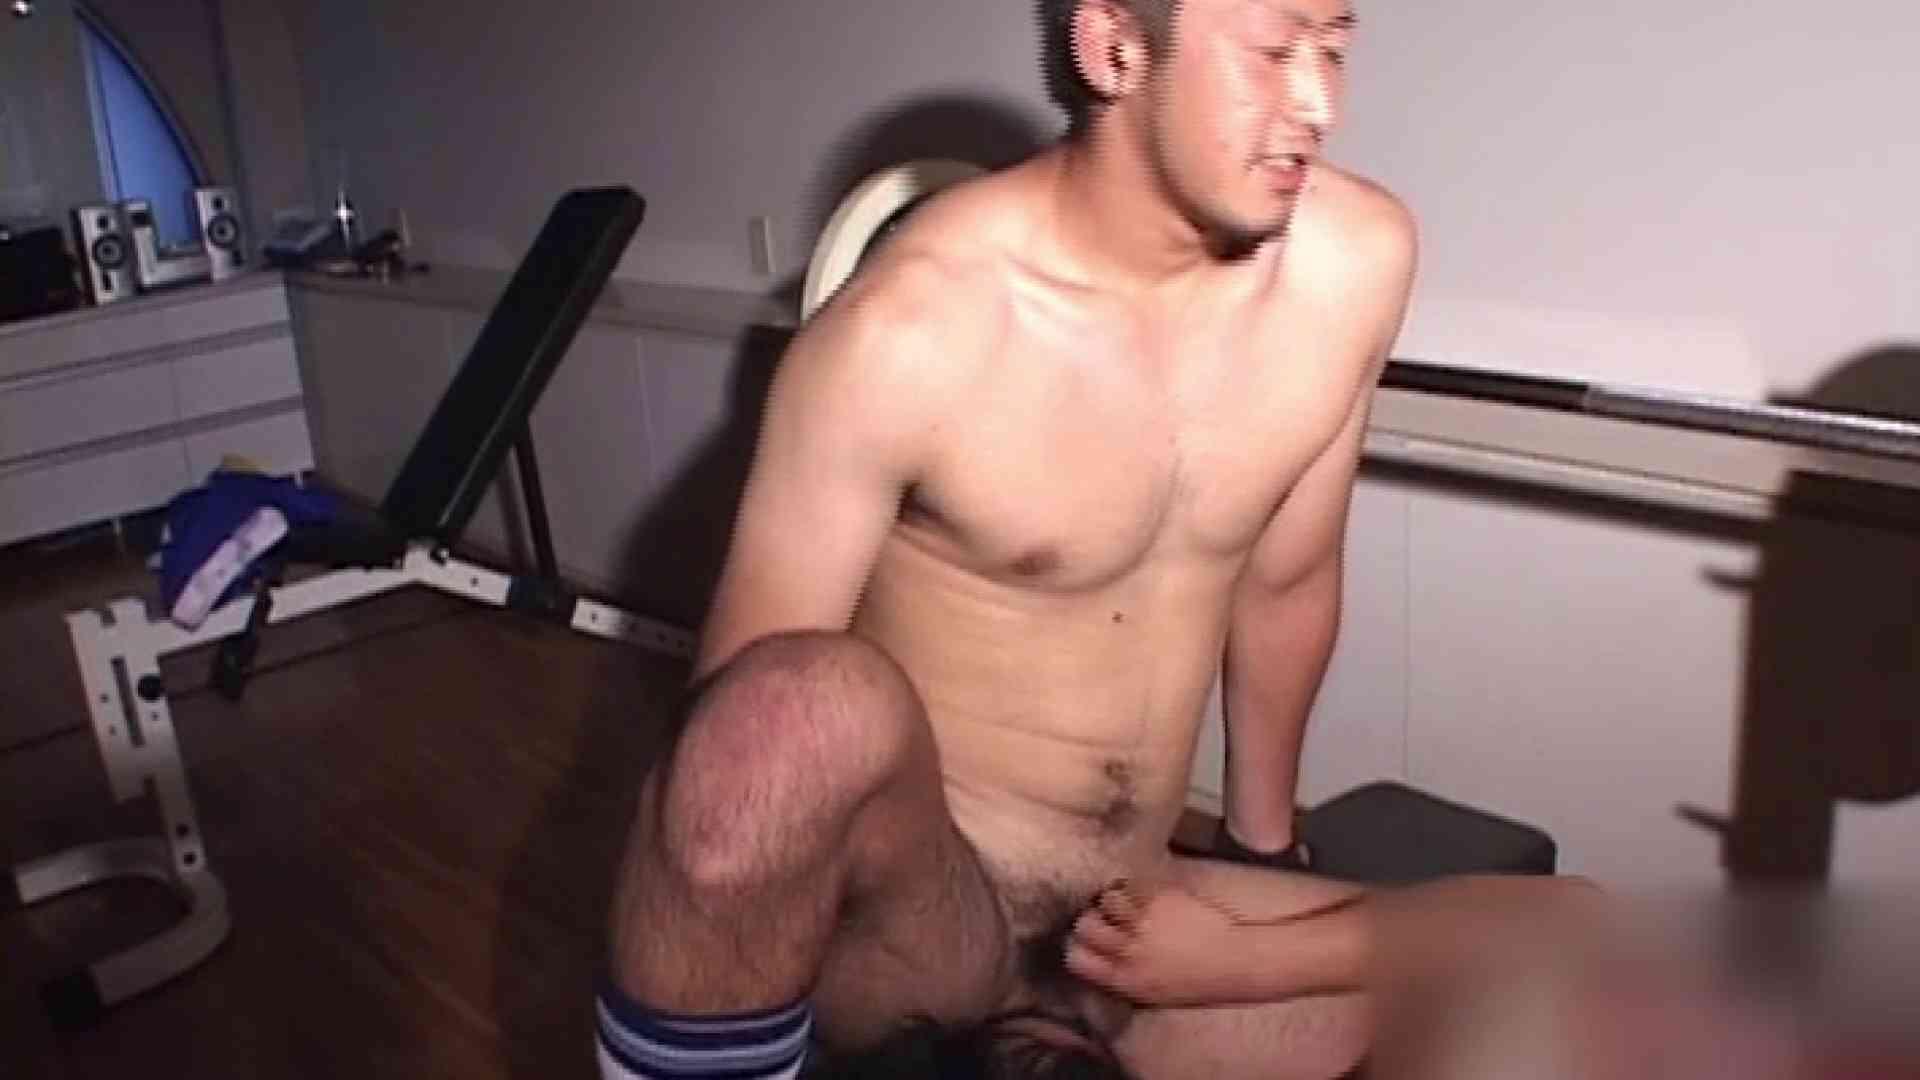 珍肉も筋肉の内!!vol.1 アナル特集 ゲイアダルト画像 86枚 73